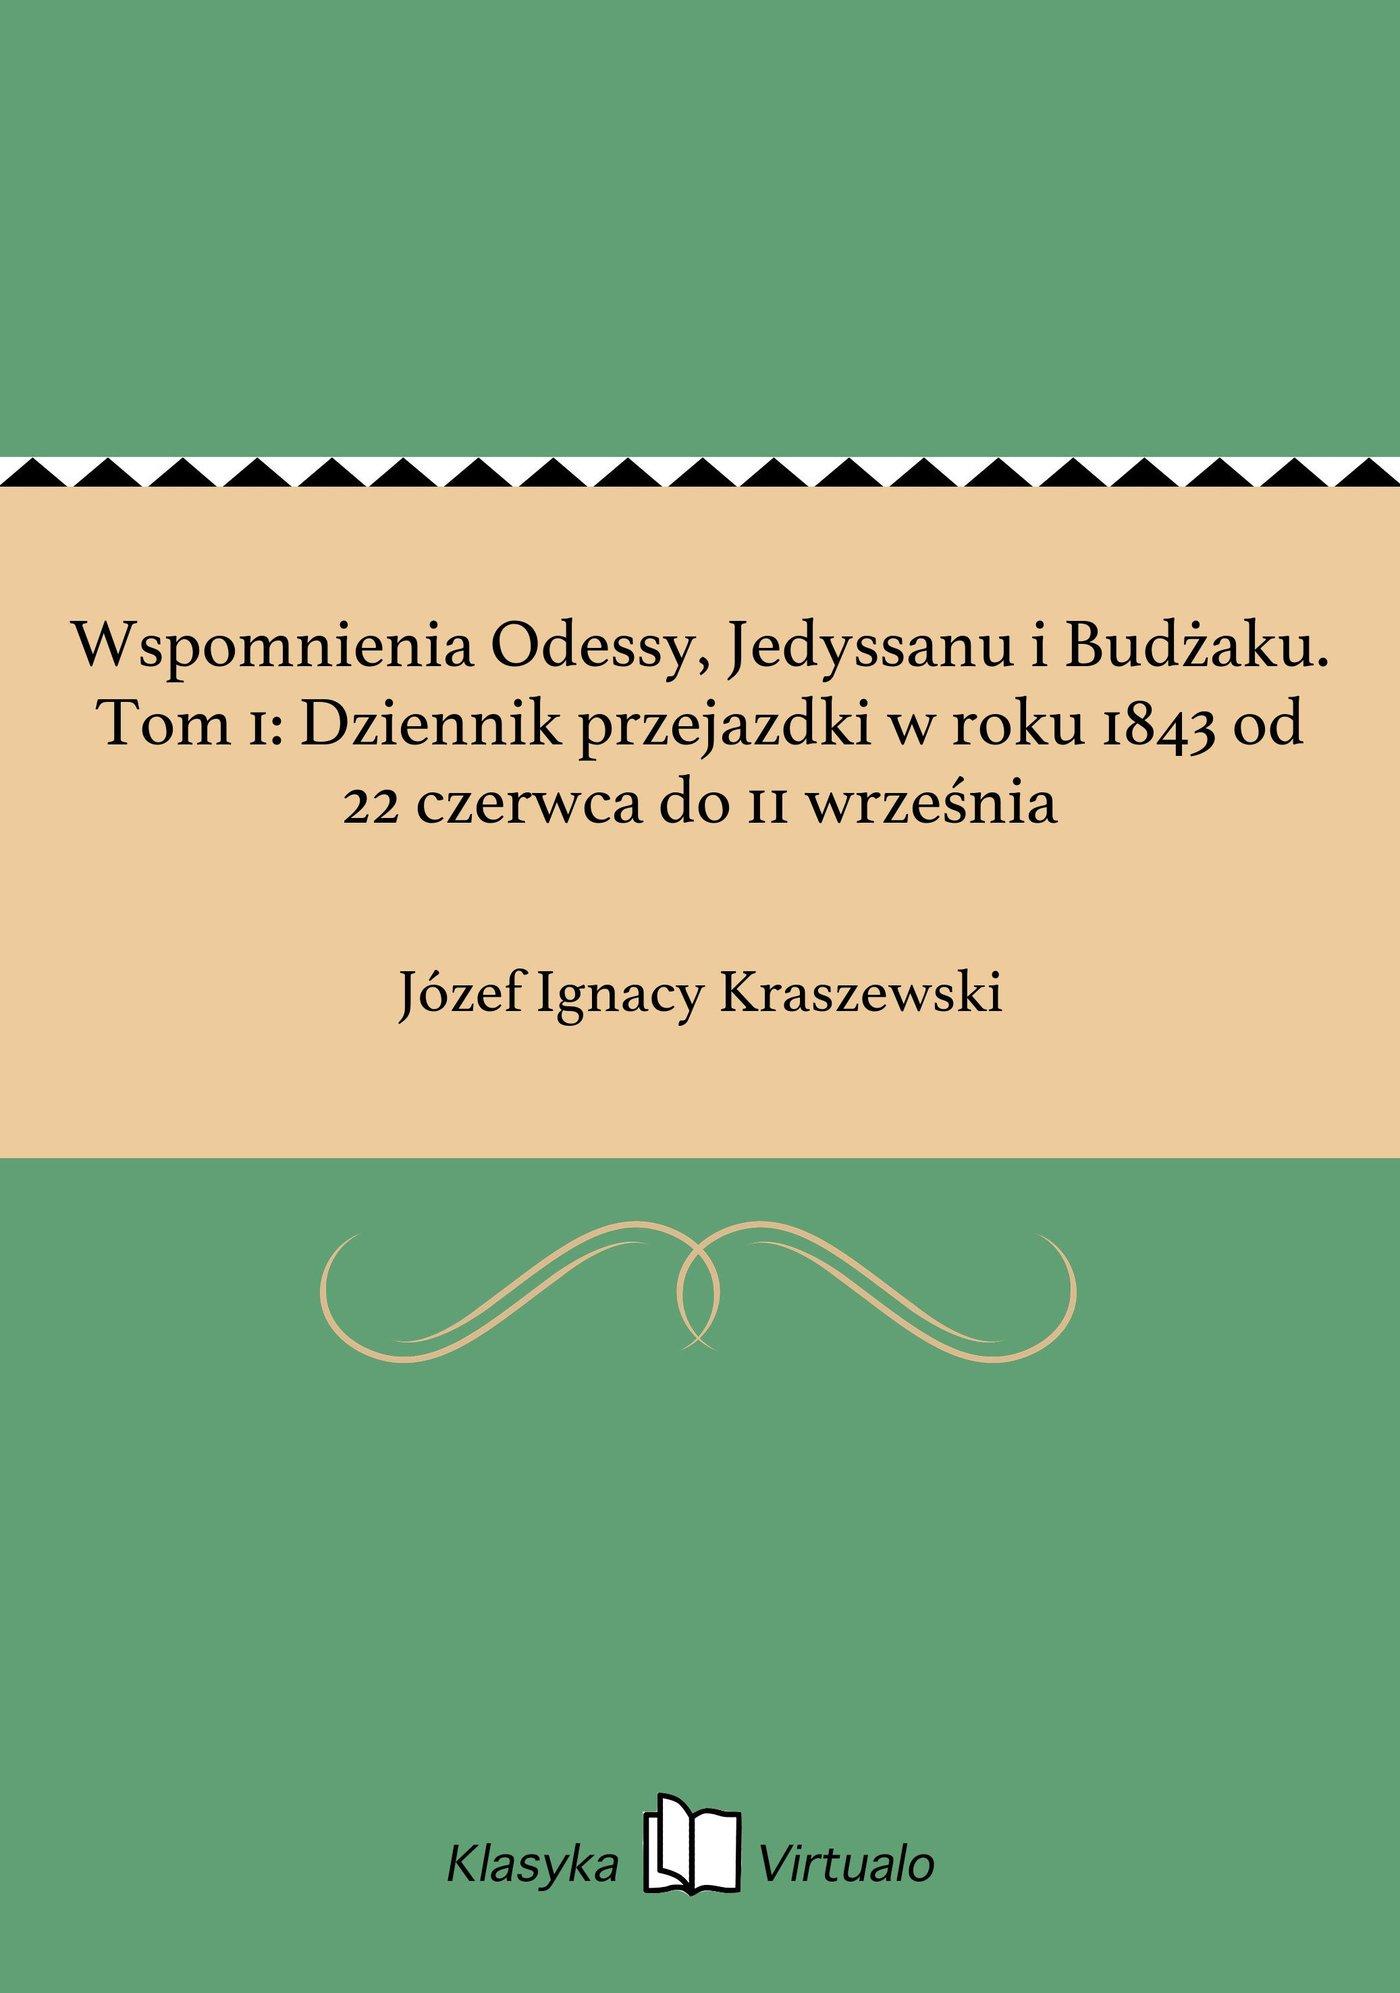 Wspomnienia Odessy, Jedyssanu i Budżaku. Tom 1: Dziennik przejazdki w roku 1843 od 22 czerwca do 11 września - Ebook (Książka EPUB) do pobrania w formacie EPUB